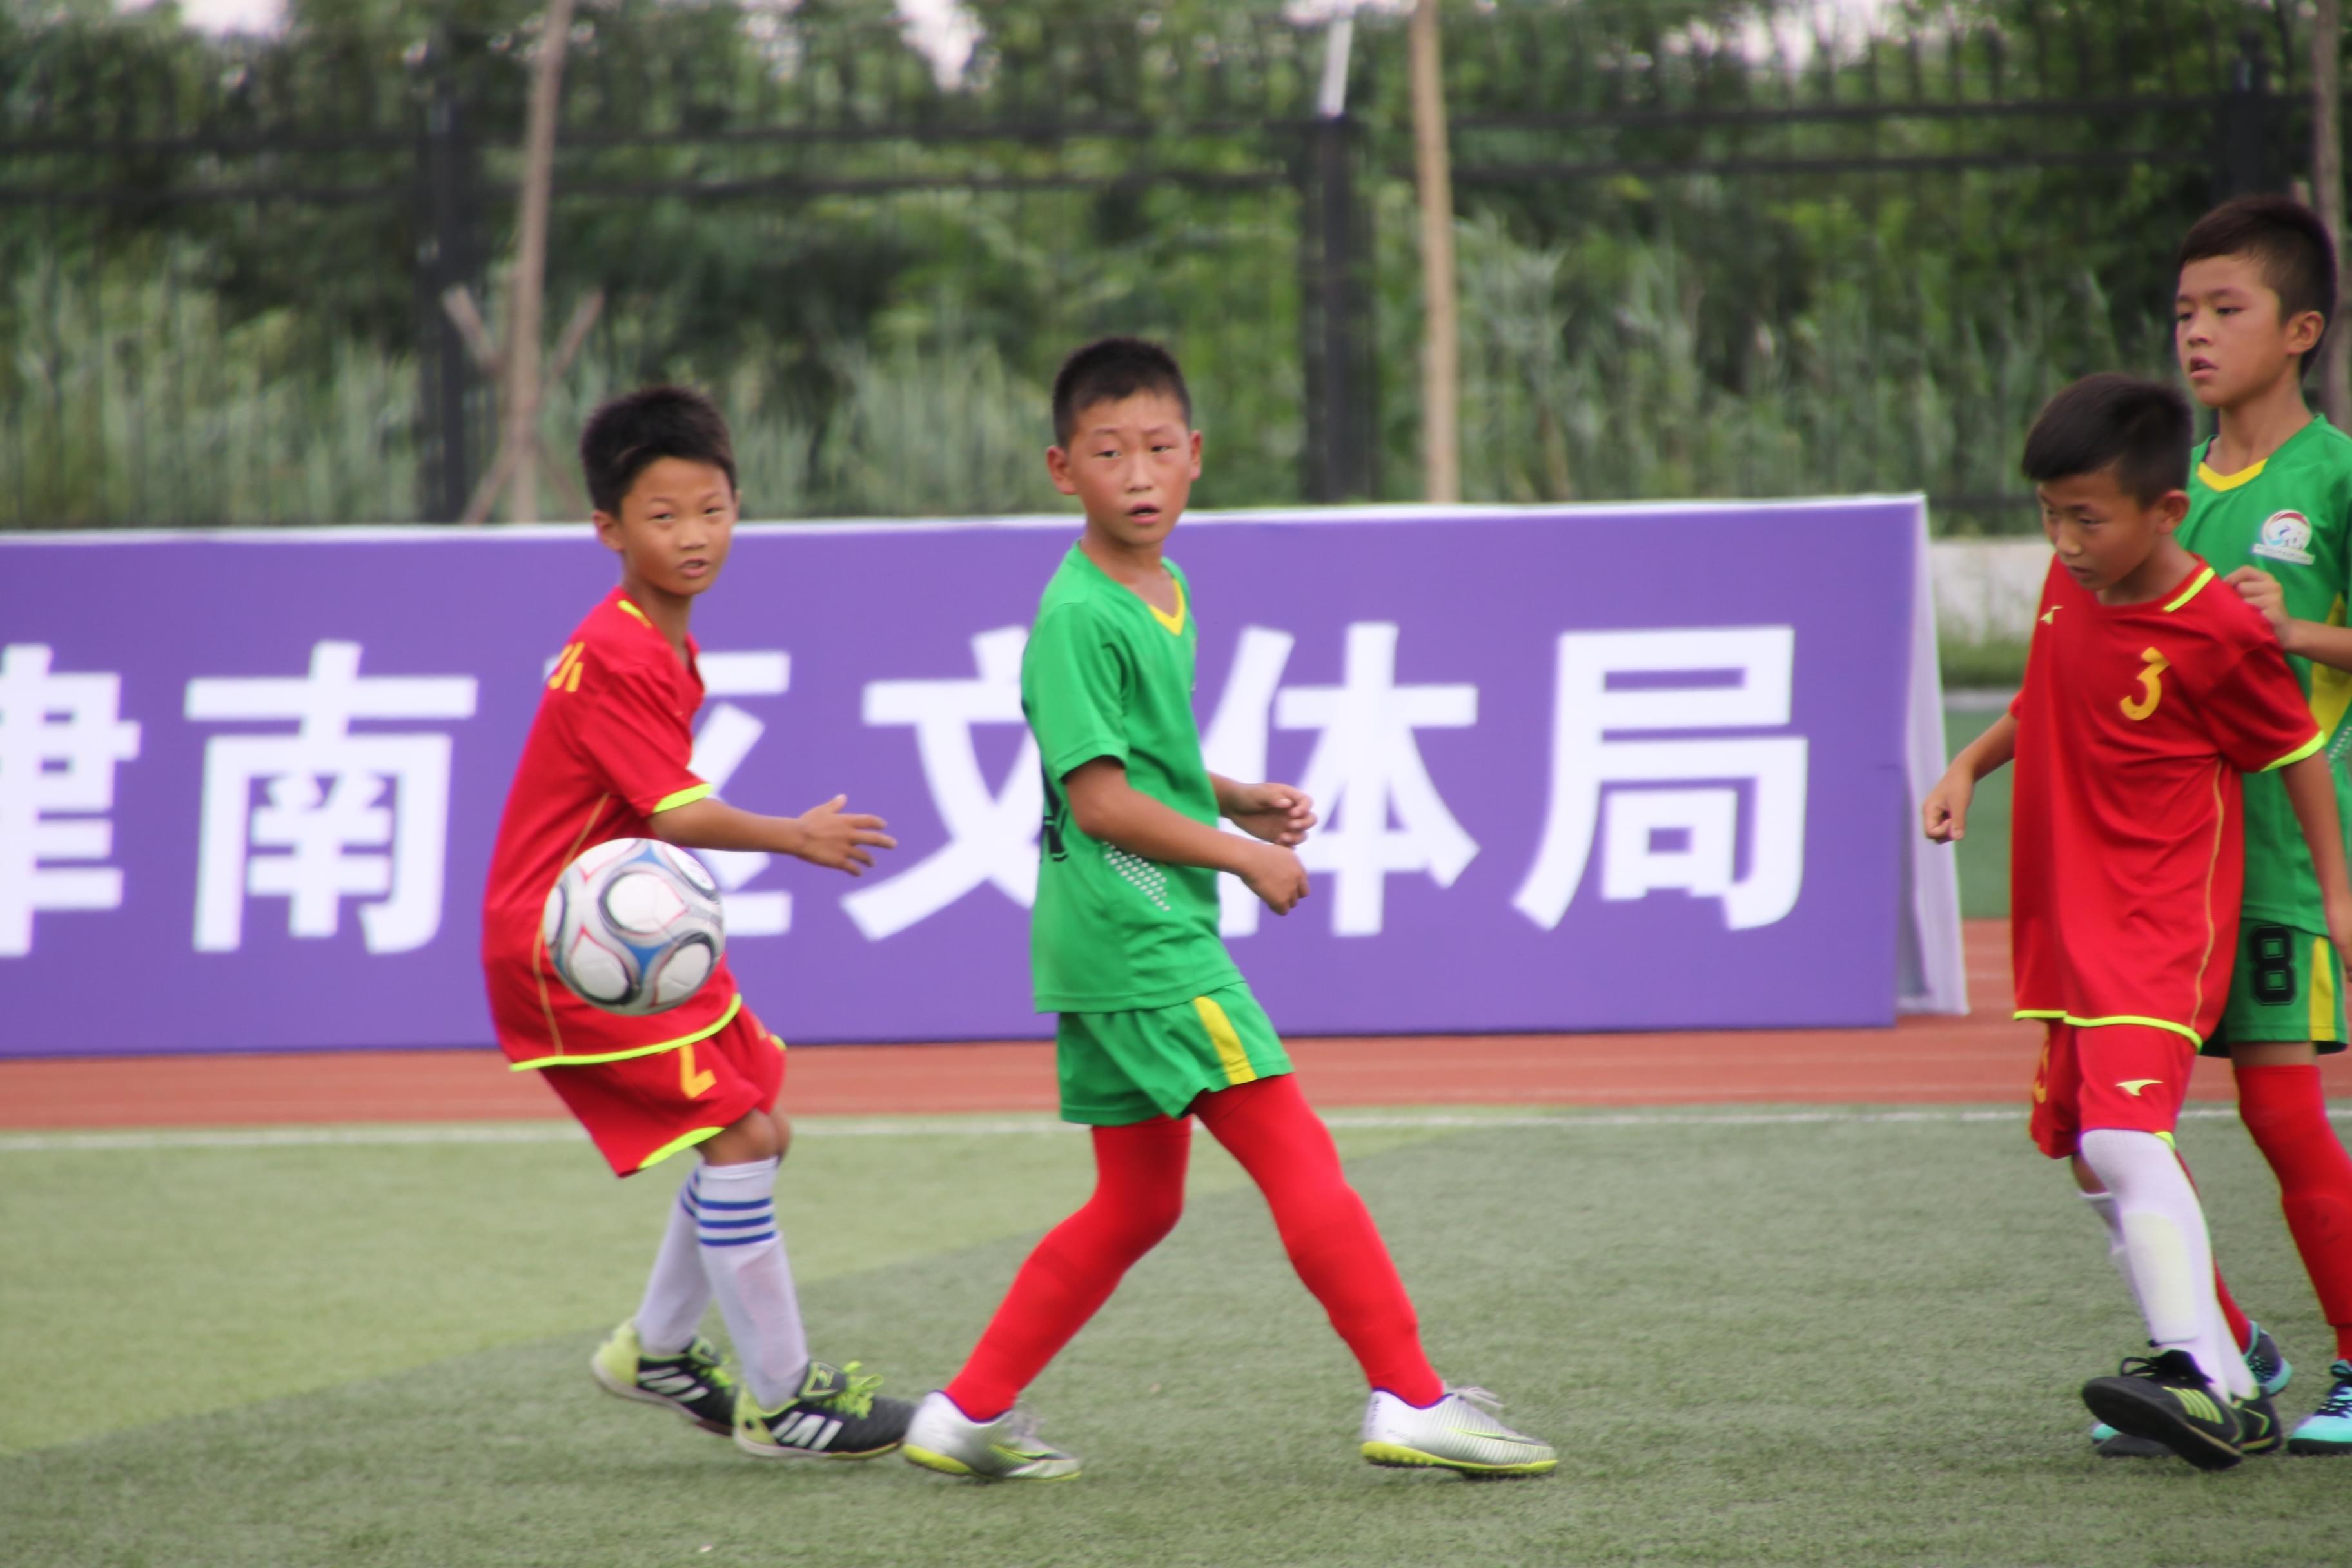 与全运同行2017京津冀校园足球邀请赛在津开幕